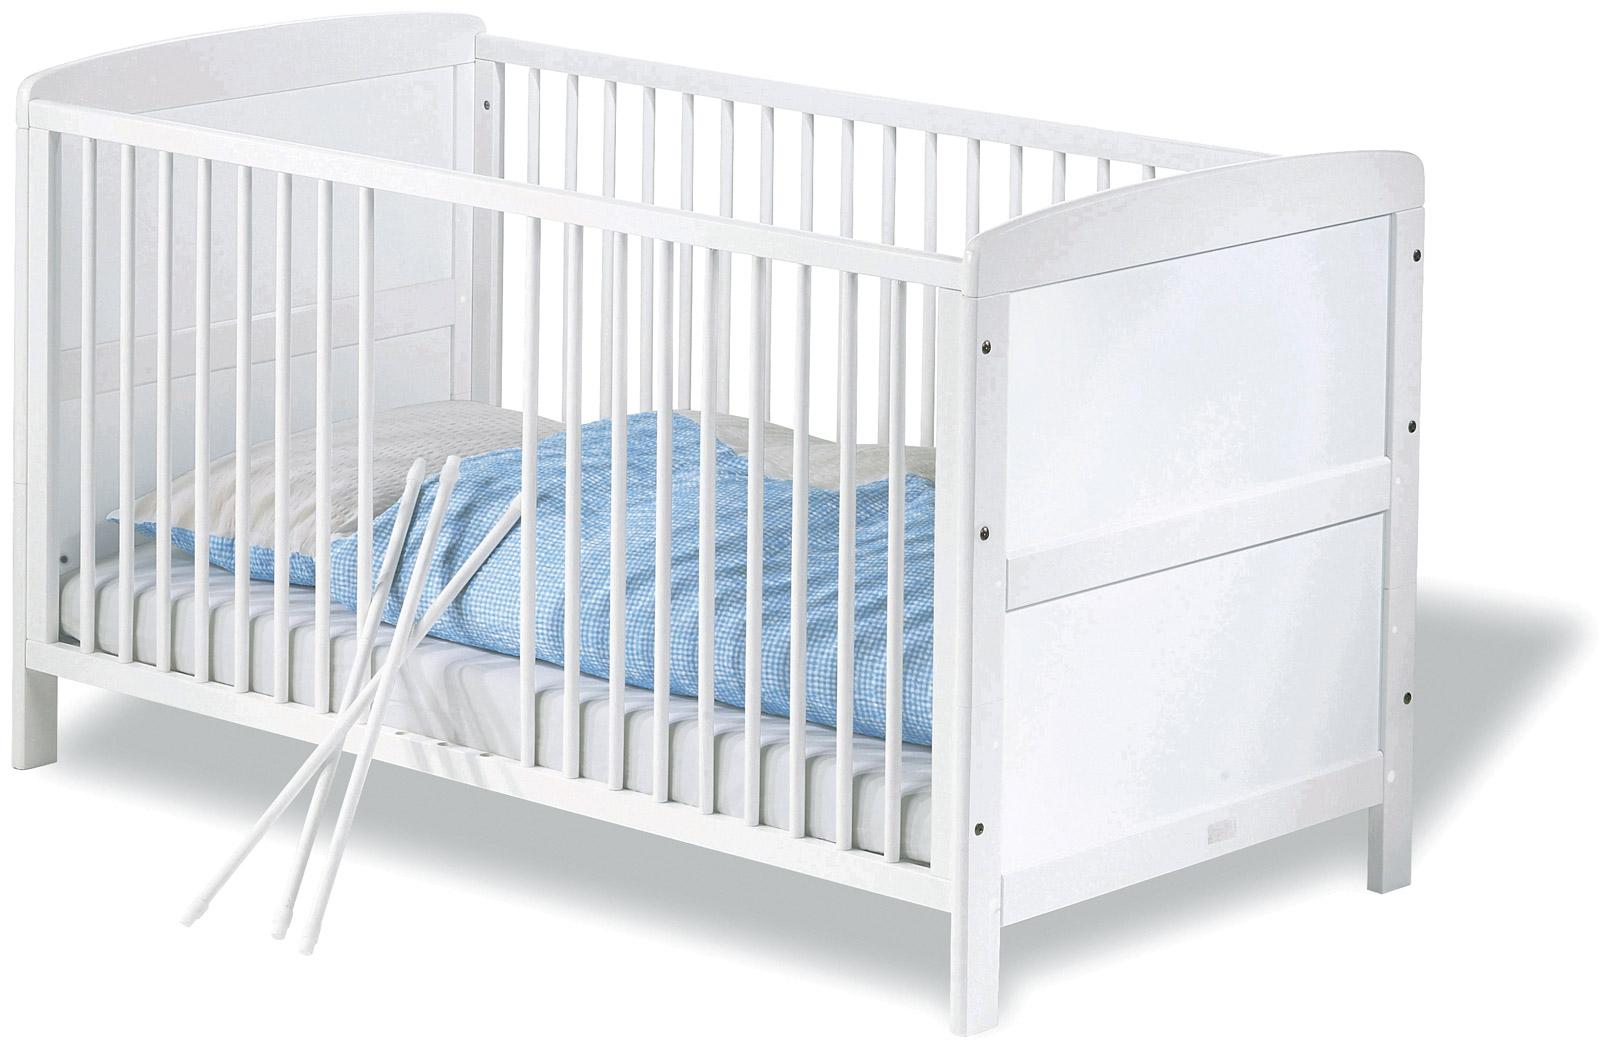 Günstiges Kinderbett Viktoria In Weiß Herausnehmbare Schlupfsprossen Ermöglichen älteren Kleinkindern Das Verlen Des Bettes